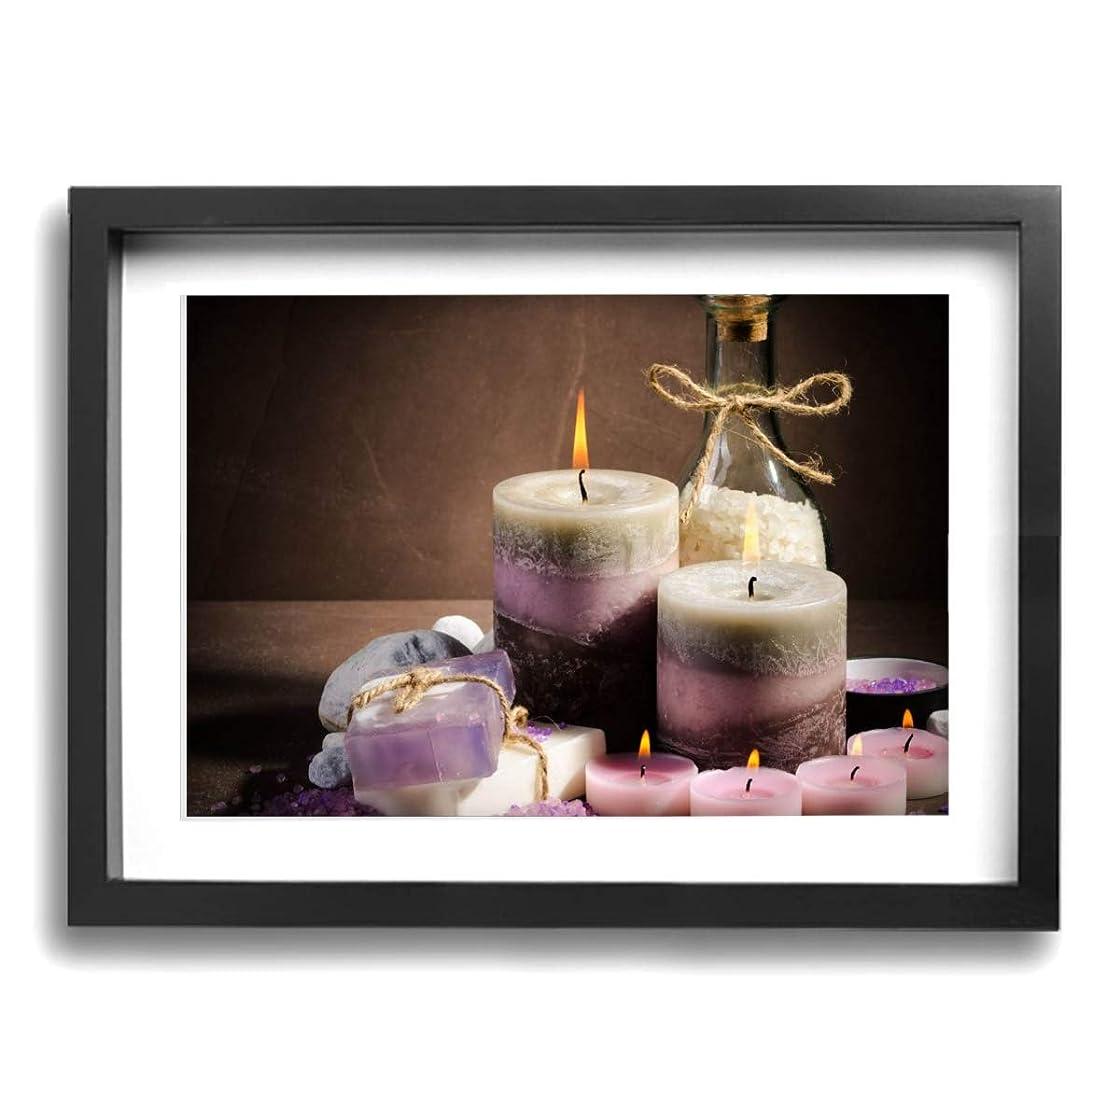 ヒューマニスティック山積みの護衛魅力的な芸術 30x40cm Spa Purple Color Candle Oil キャンバスの壁アート 画像プリント絵画リビングルームの壁の装飾と家の装飾のための現代アートワークハングする準備ができて